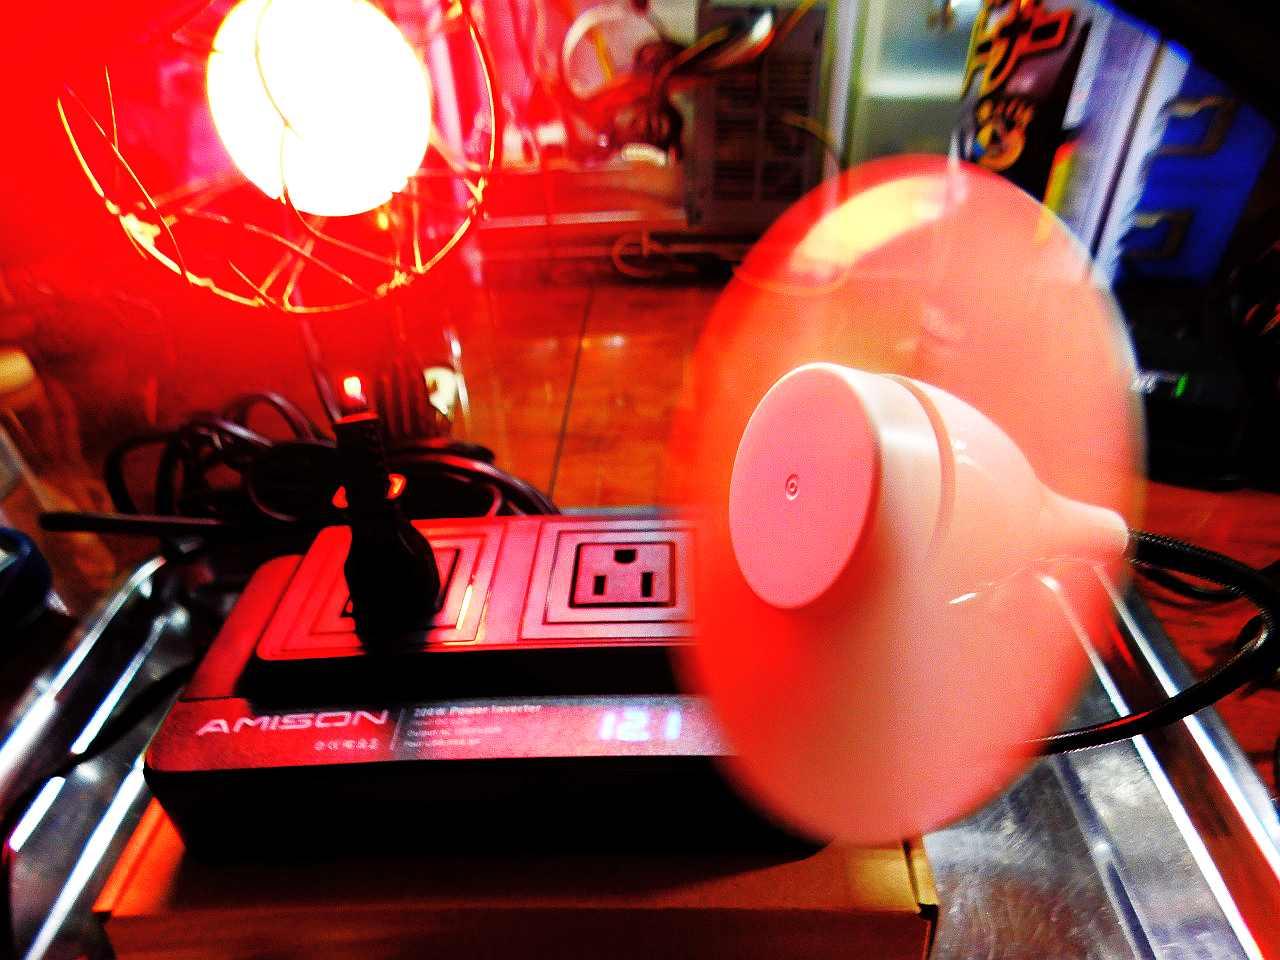 """""""質実剛健!-""""20年ぶりのDC(直流)12V/AC-(交流)100Vインバーターに感銘を受けた!Amison社インバーター-200w仕様-シガーソケットコンセント-カーコンバーター-DC12V/AC100V変換-車載充電器-ACコンセント2口&USB-4ポートタイプ"""